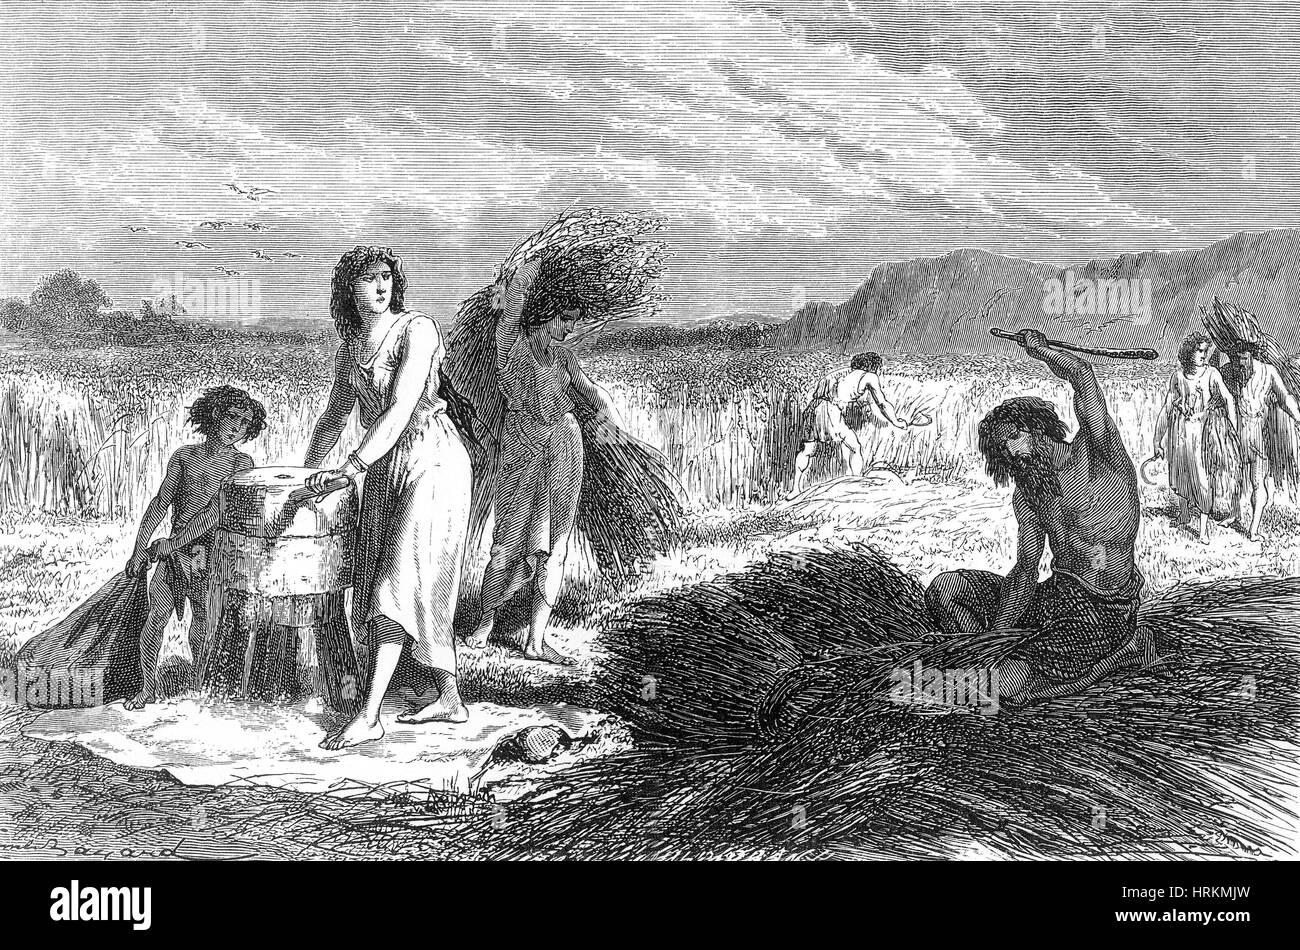 Prehistoric Man, Iron Age Farming - Stock Image